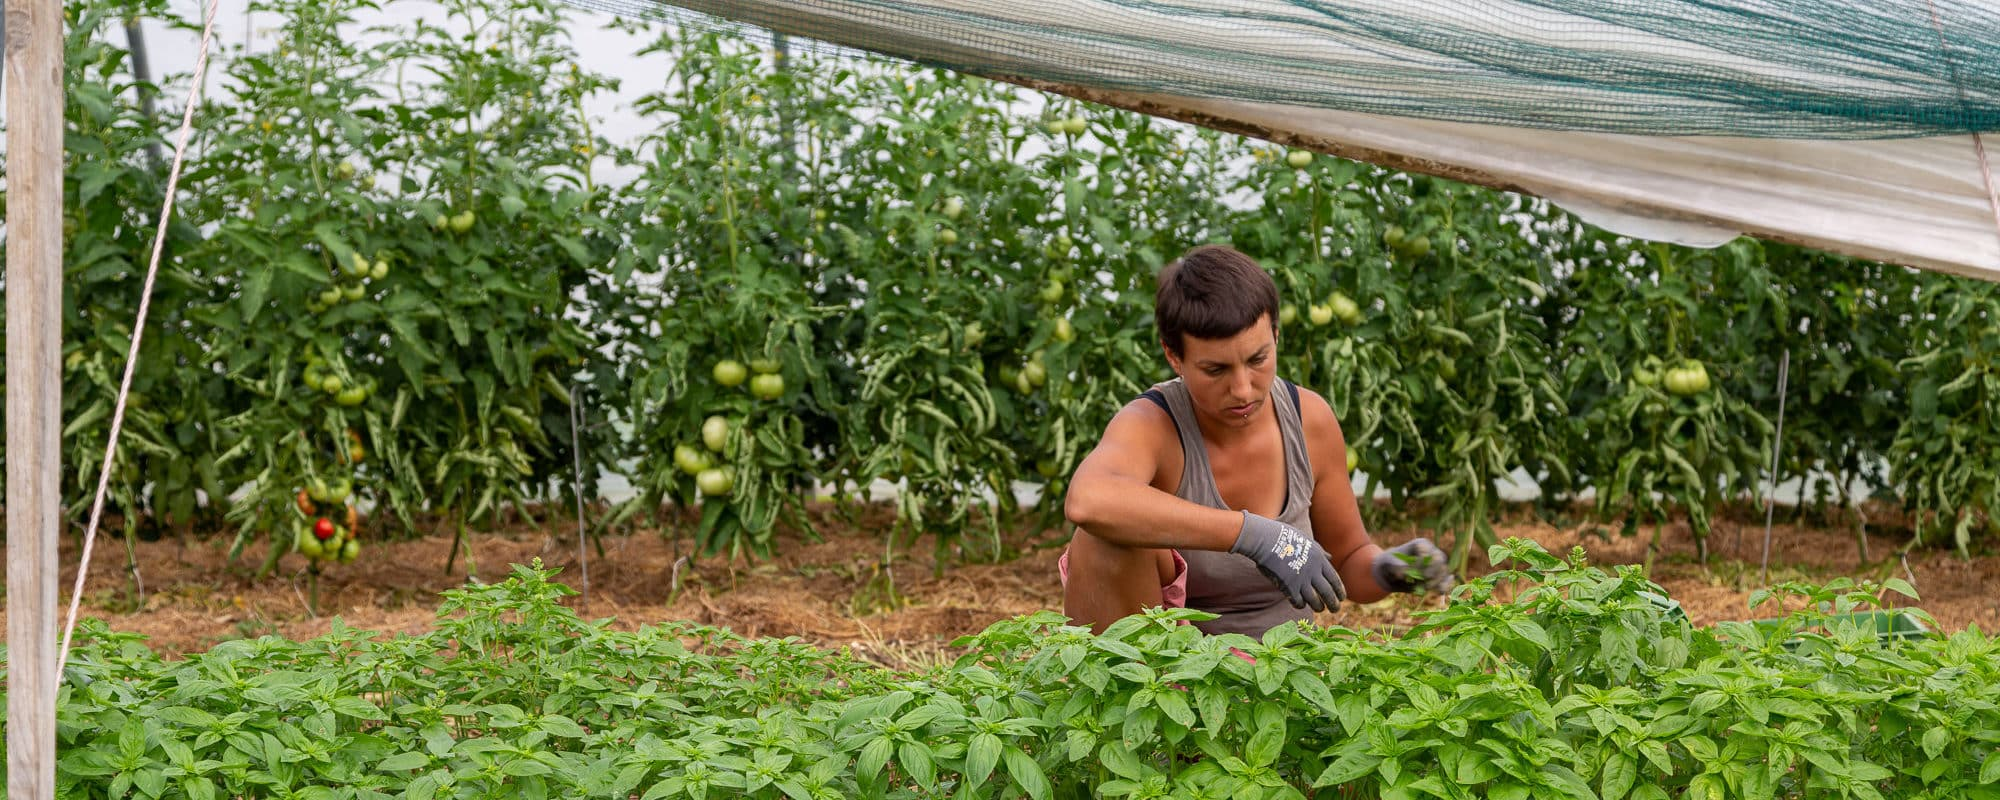 À Gartencoop, consommateurs et agriculteurs gèrent ensemble une ferme solidaire